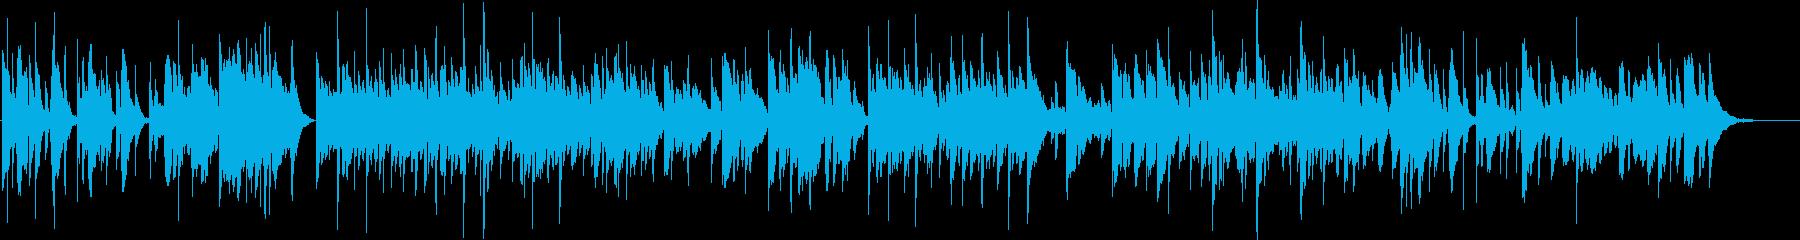 映像作品向け:哀愁&温かみ・ギタレレ独奏の再生済みの波形